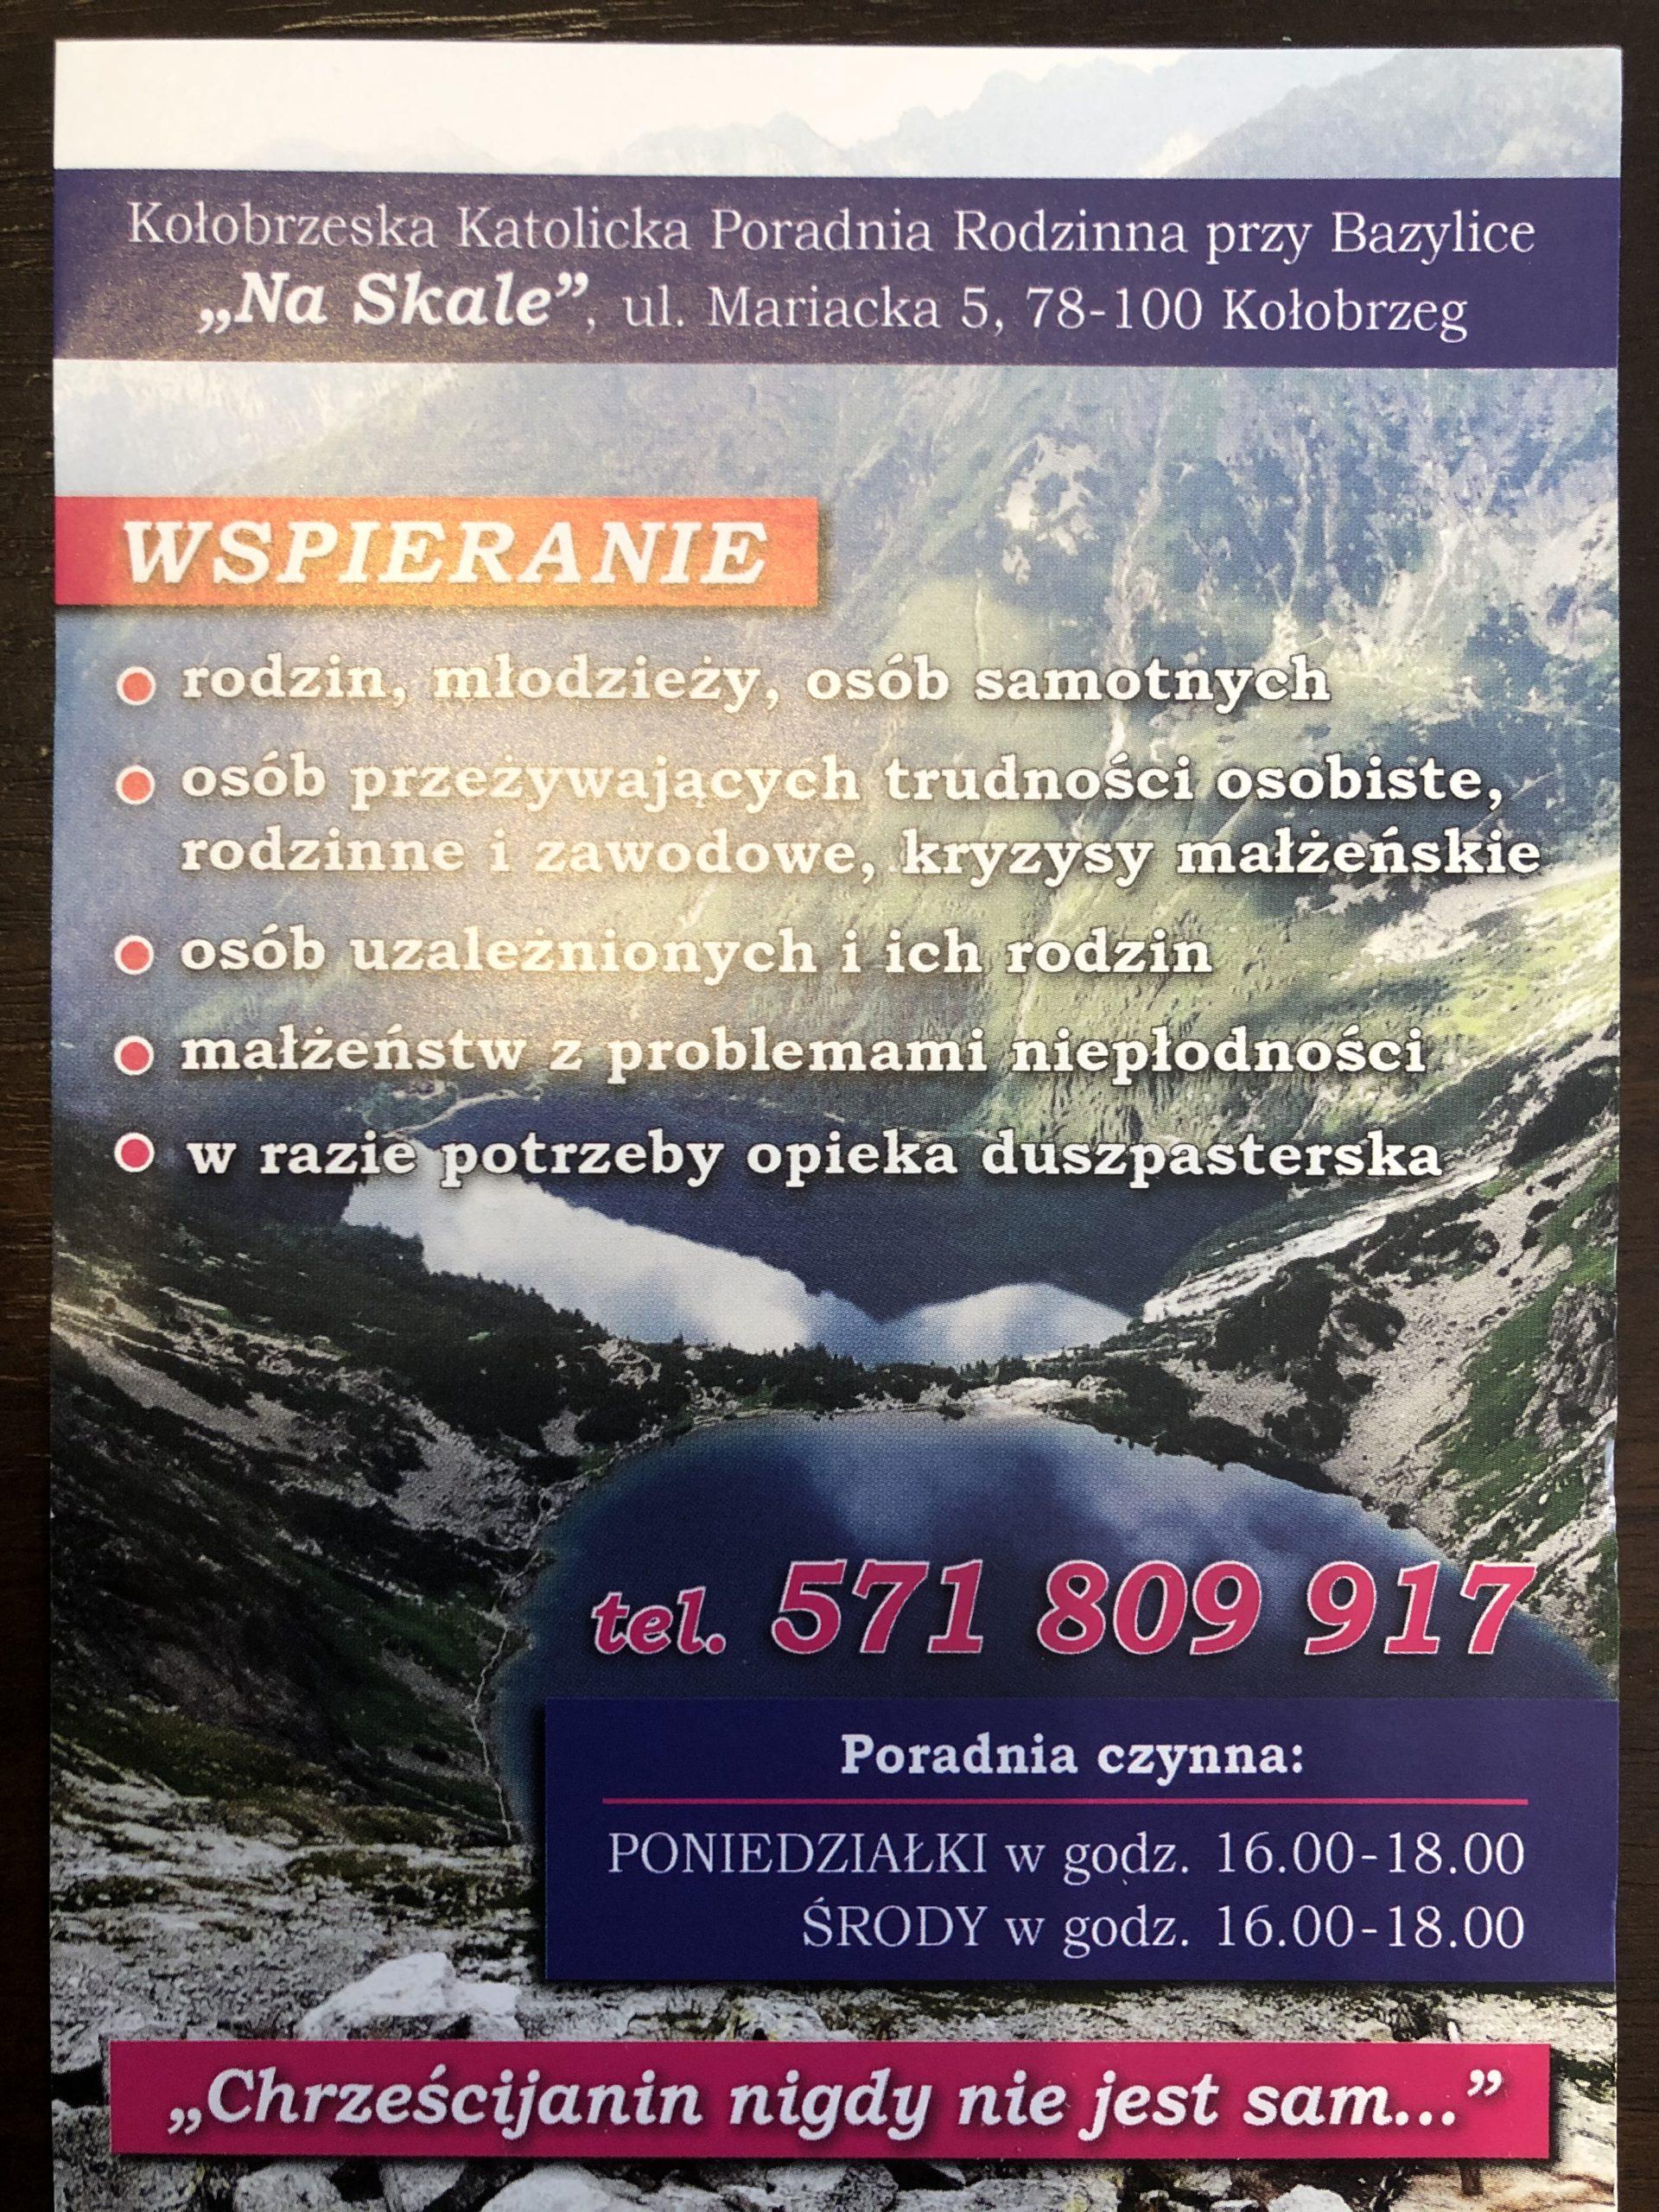 """Kołobrzeska Katolicka Poradnia Rodzinna """"Na Skale"""" kontynuuje swoją działalność."""